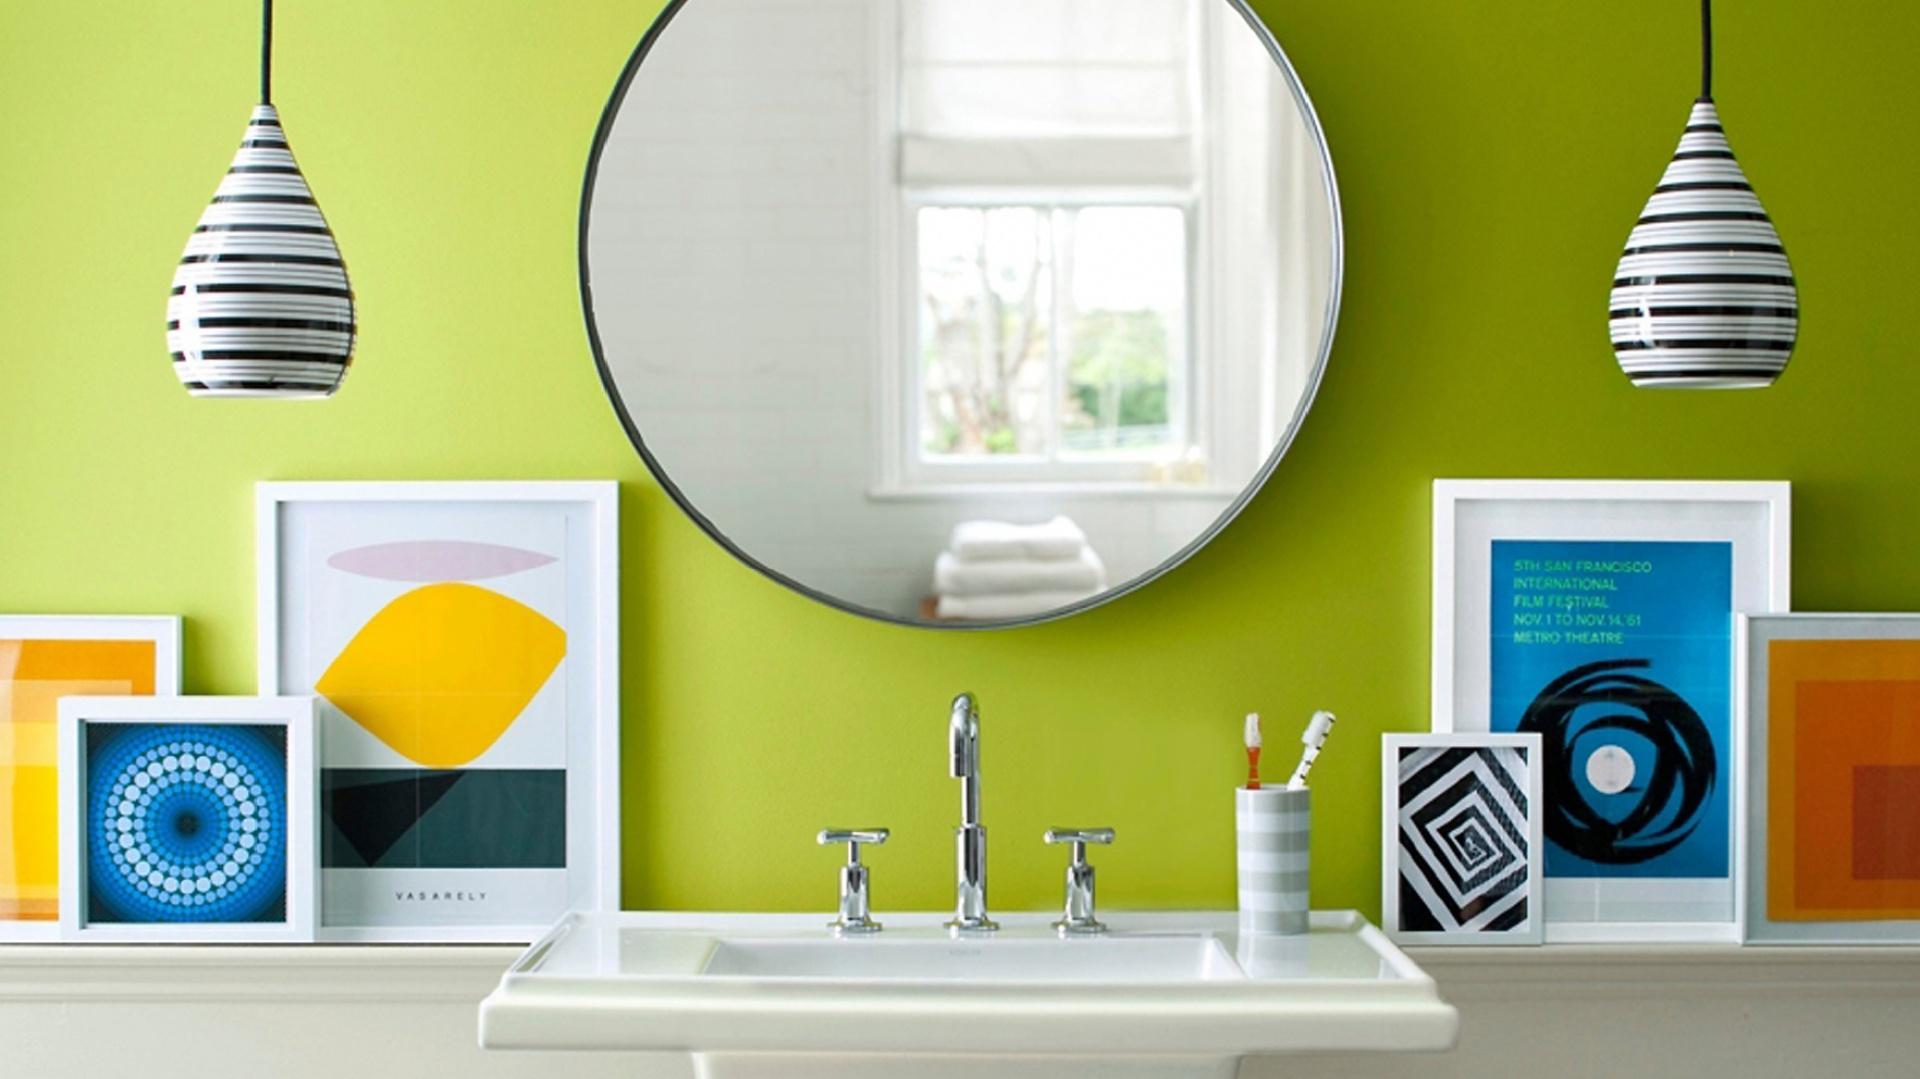 Kolorową, wodoodporną farbę na ścianach możemy zastosować od pewnej wysokości. Na zdjęciu: ściana pomalowana farbą marki Benjamin Moore. Fot. Benjamin Moore.